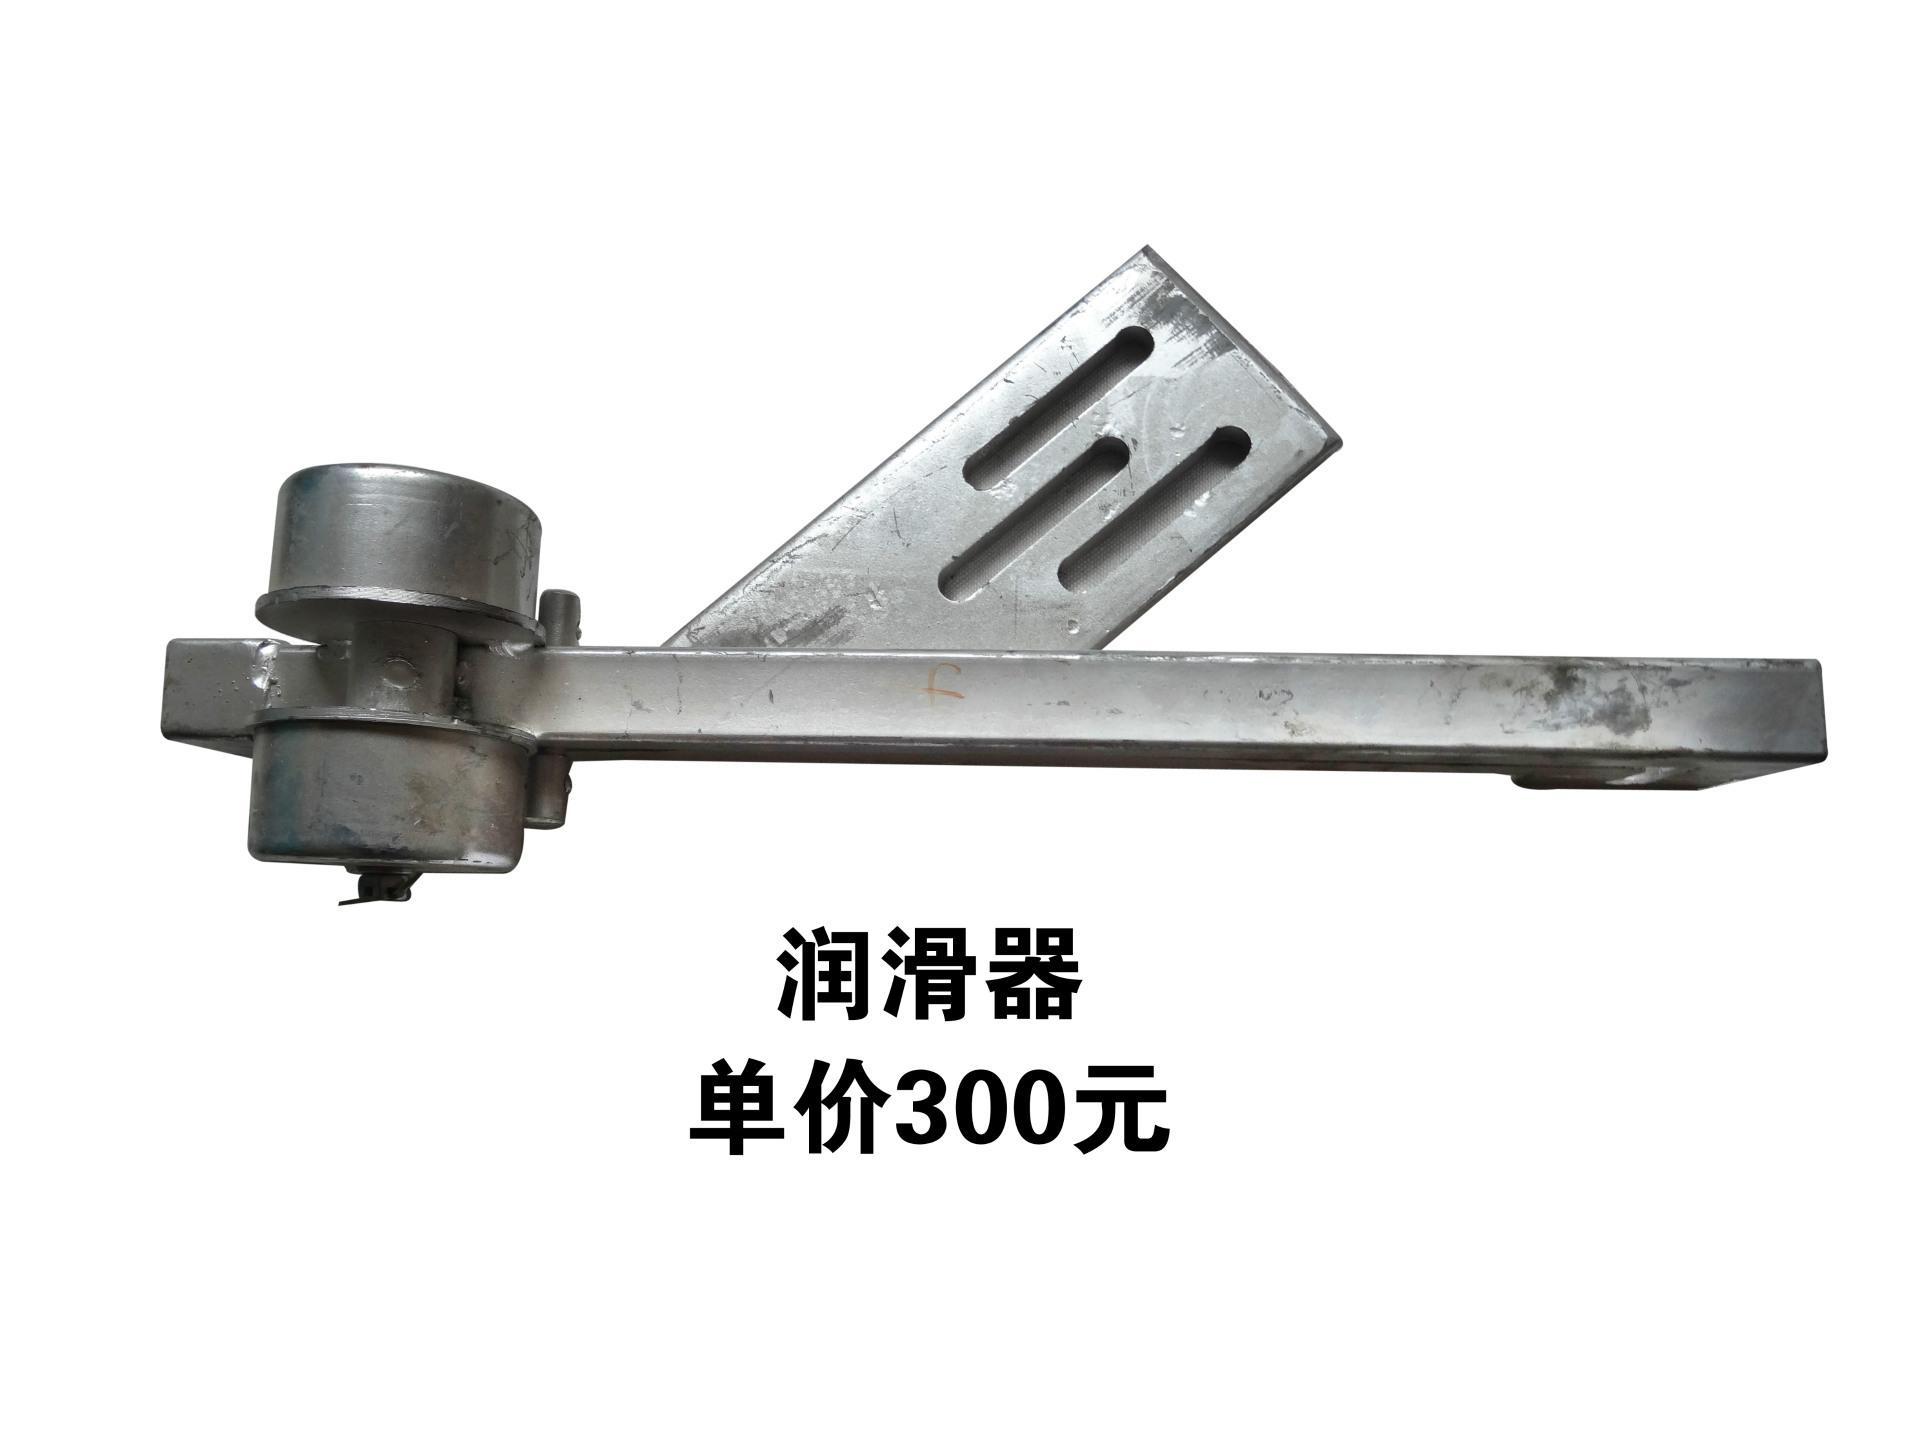 厂家直销 钢制专业润滑器 保证质量 可定制